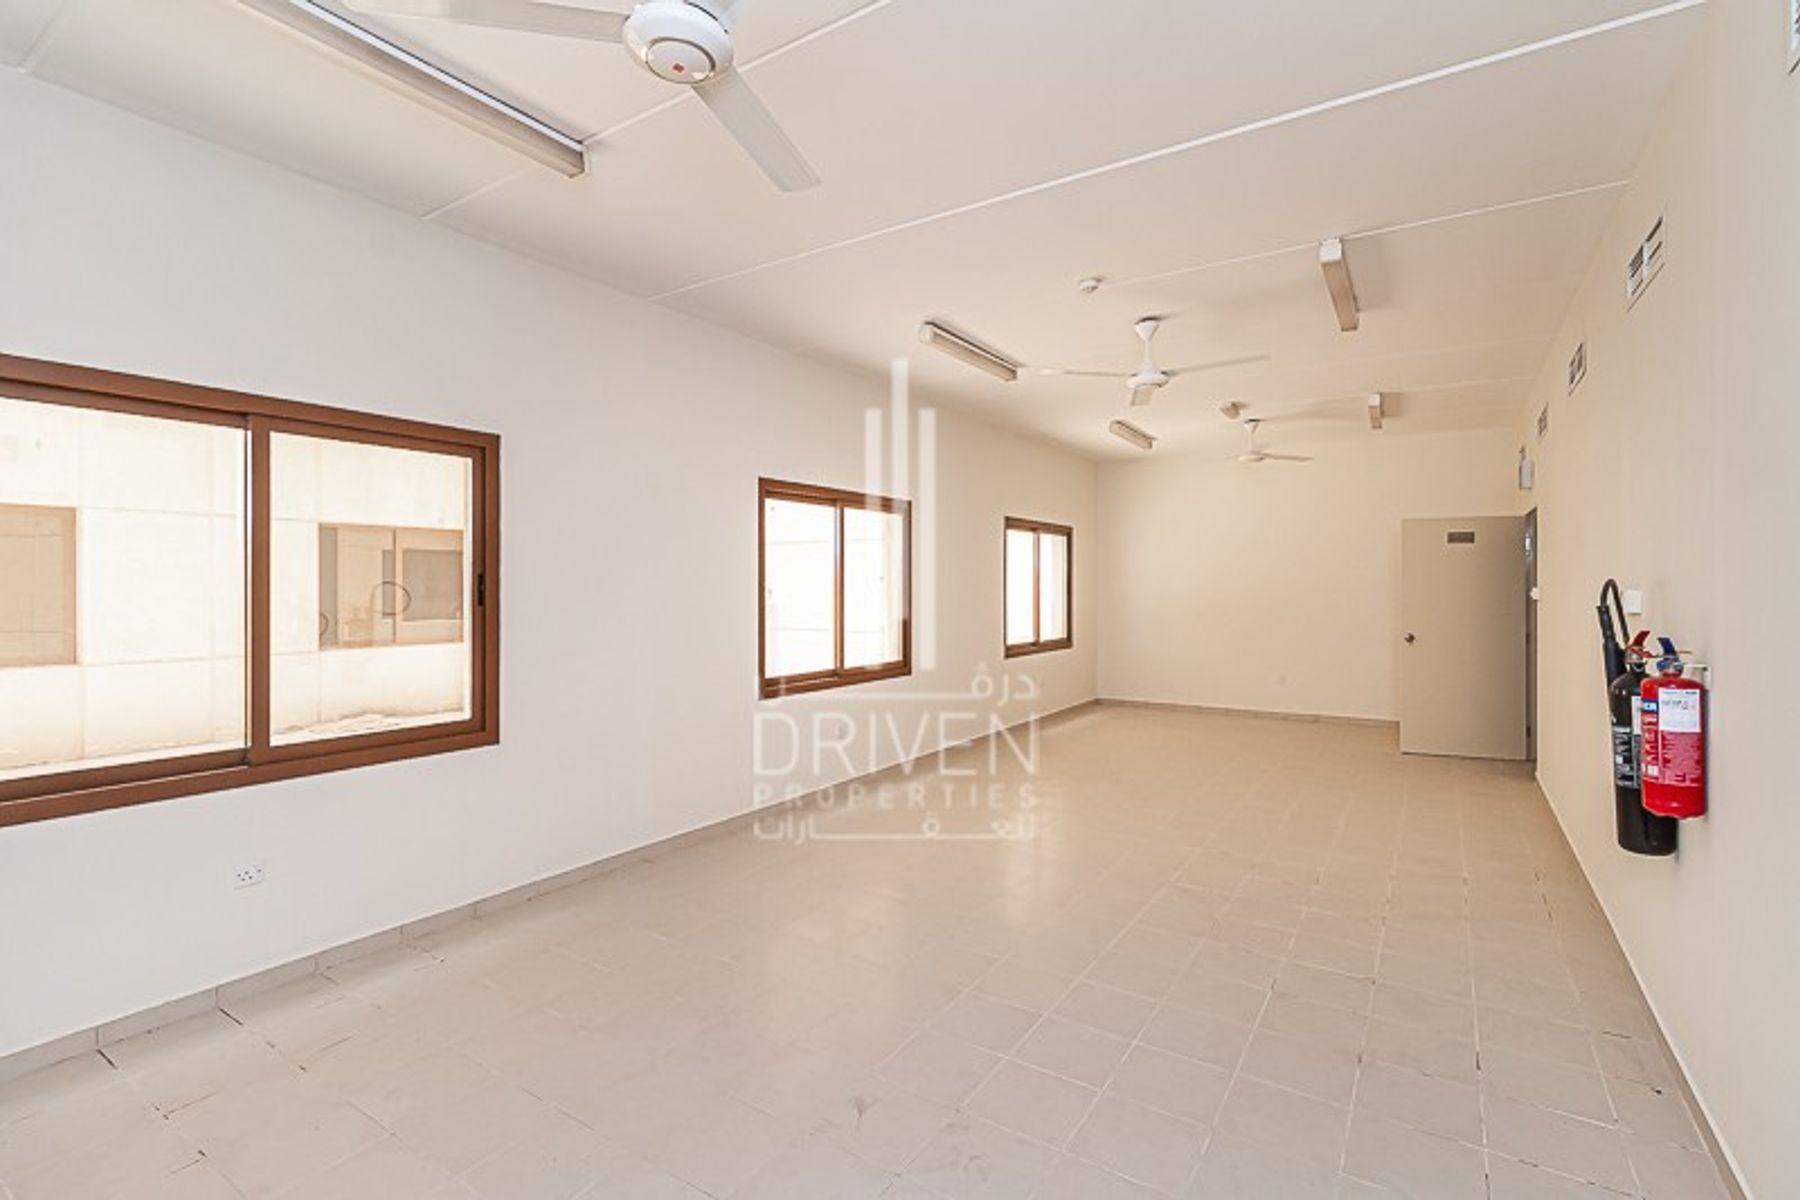 للايجار - مخيم عمال - المرحلة 2 - مجمع دبي للإستثمار